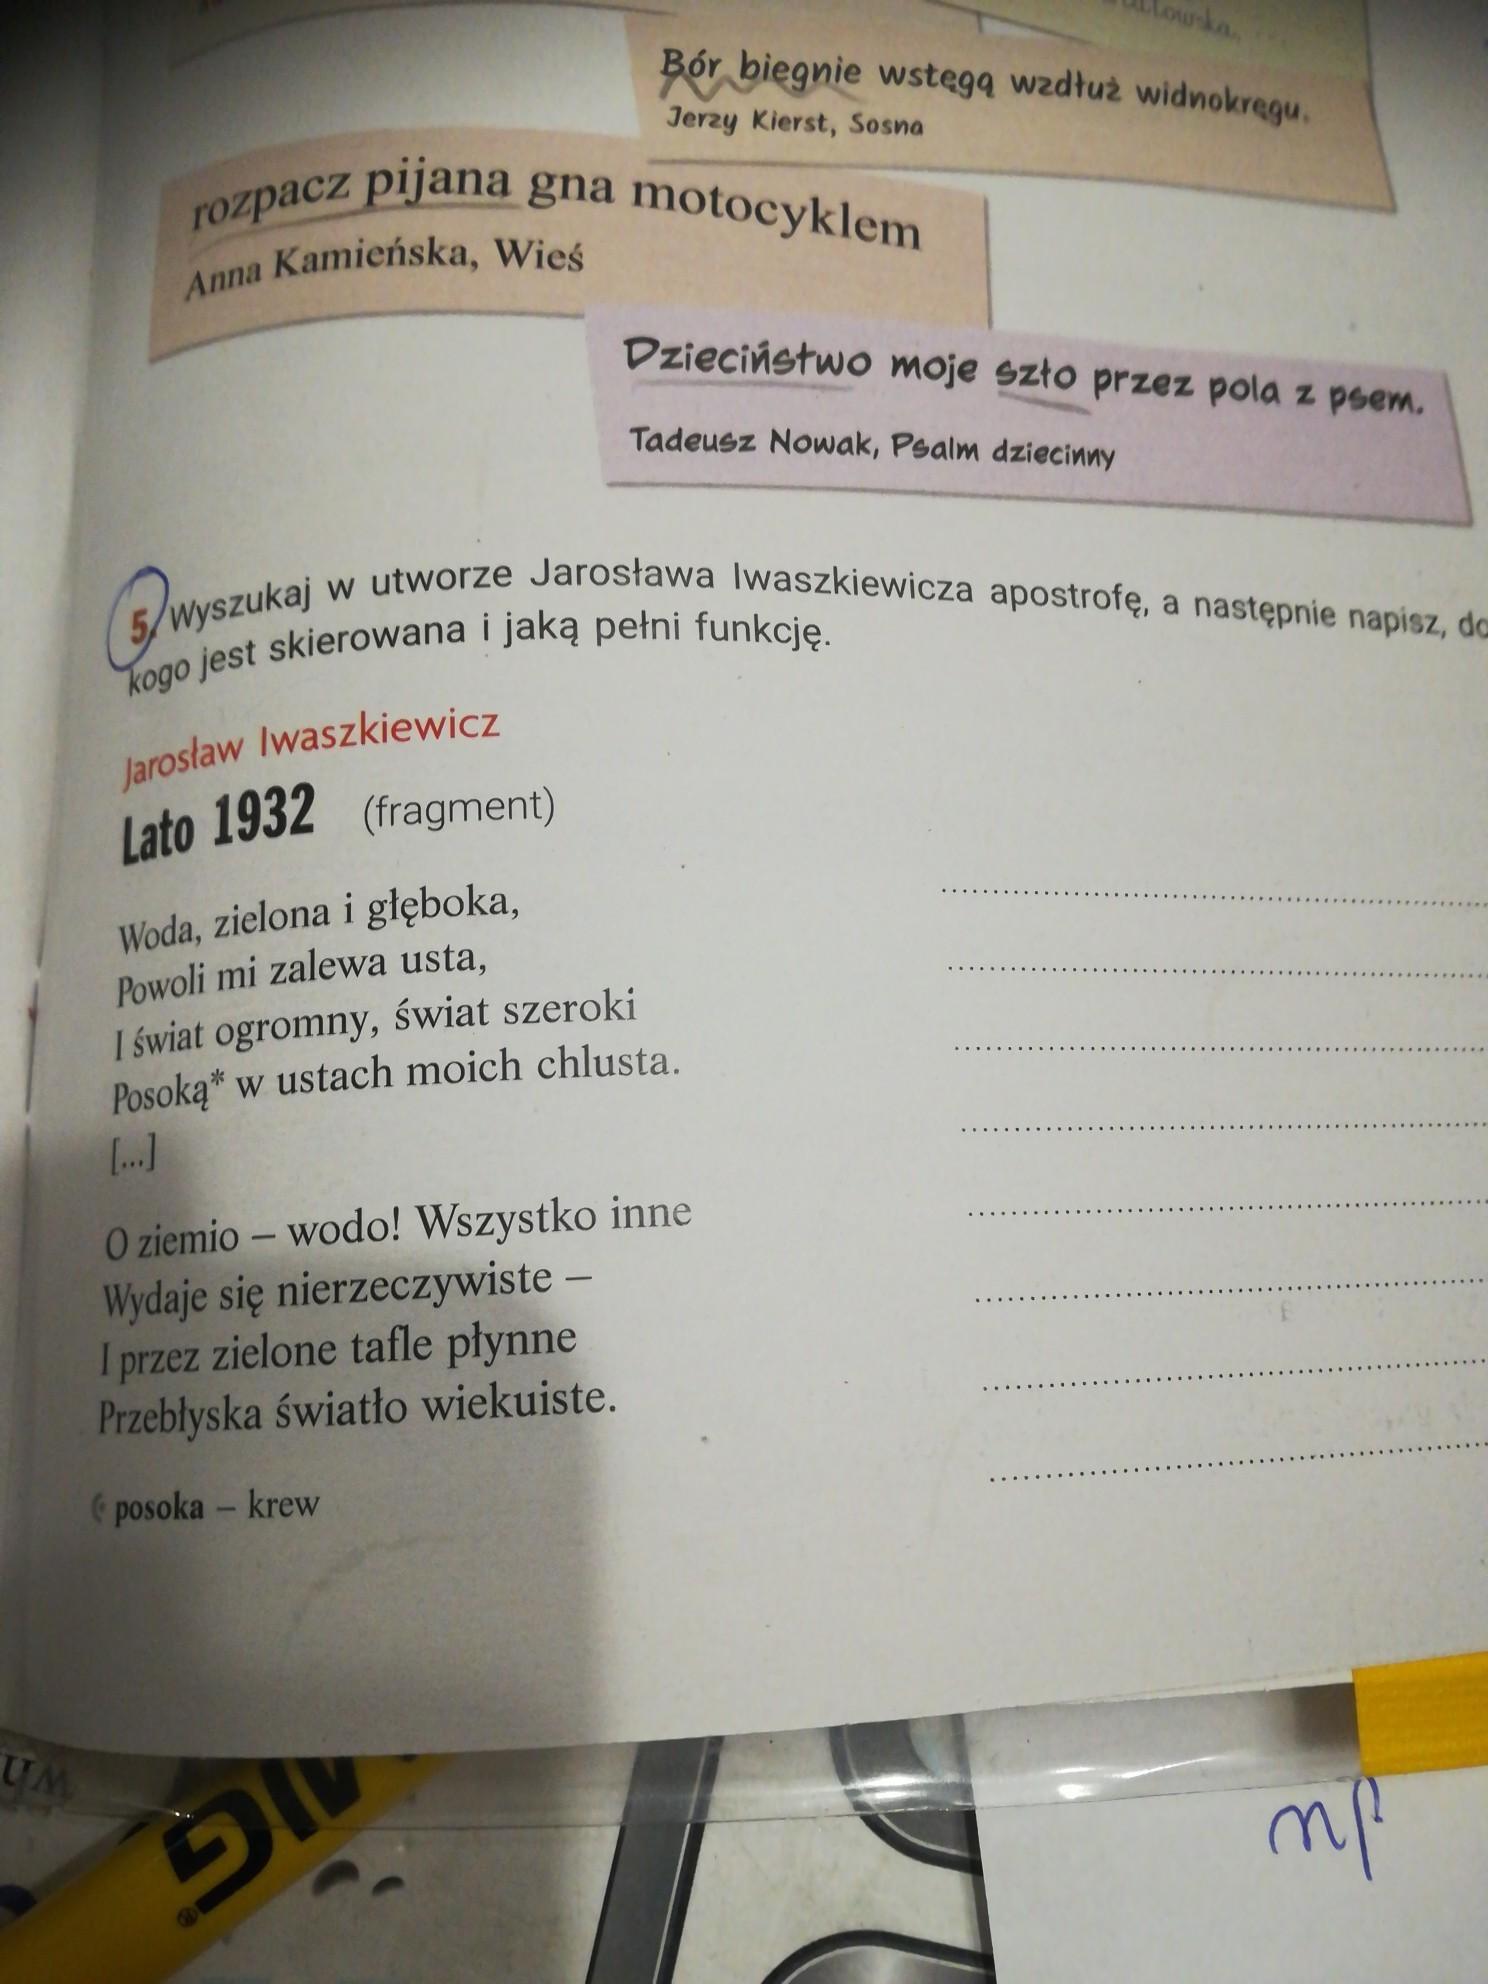 Pomocy Język Polski Wiersz Brainlypl